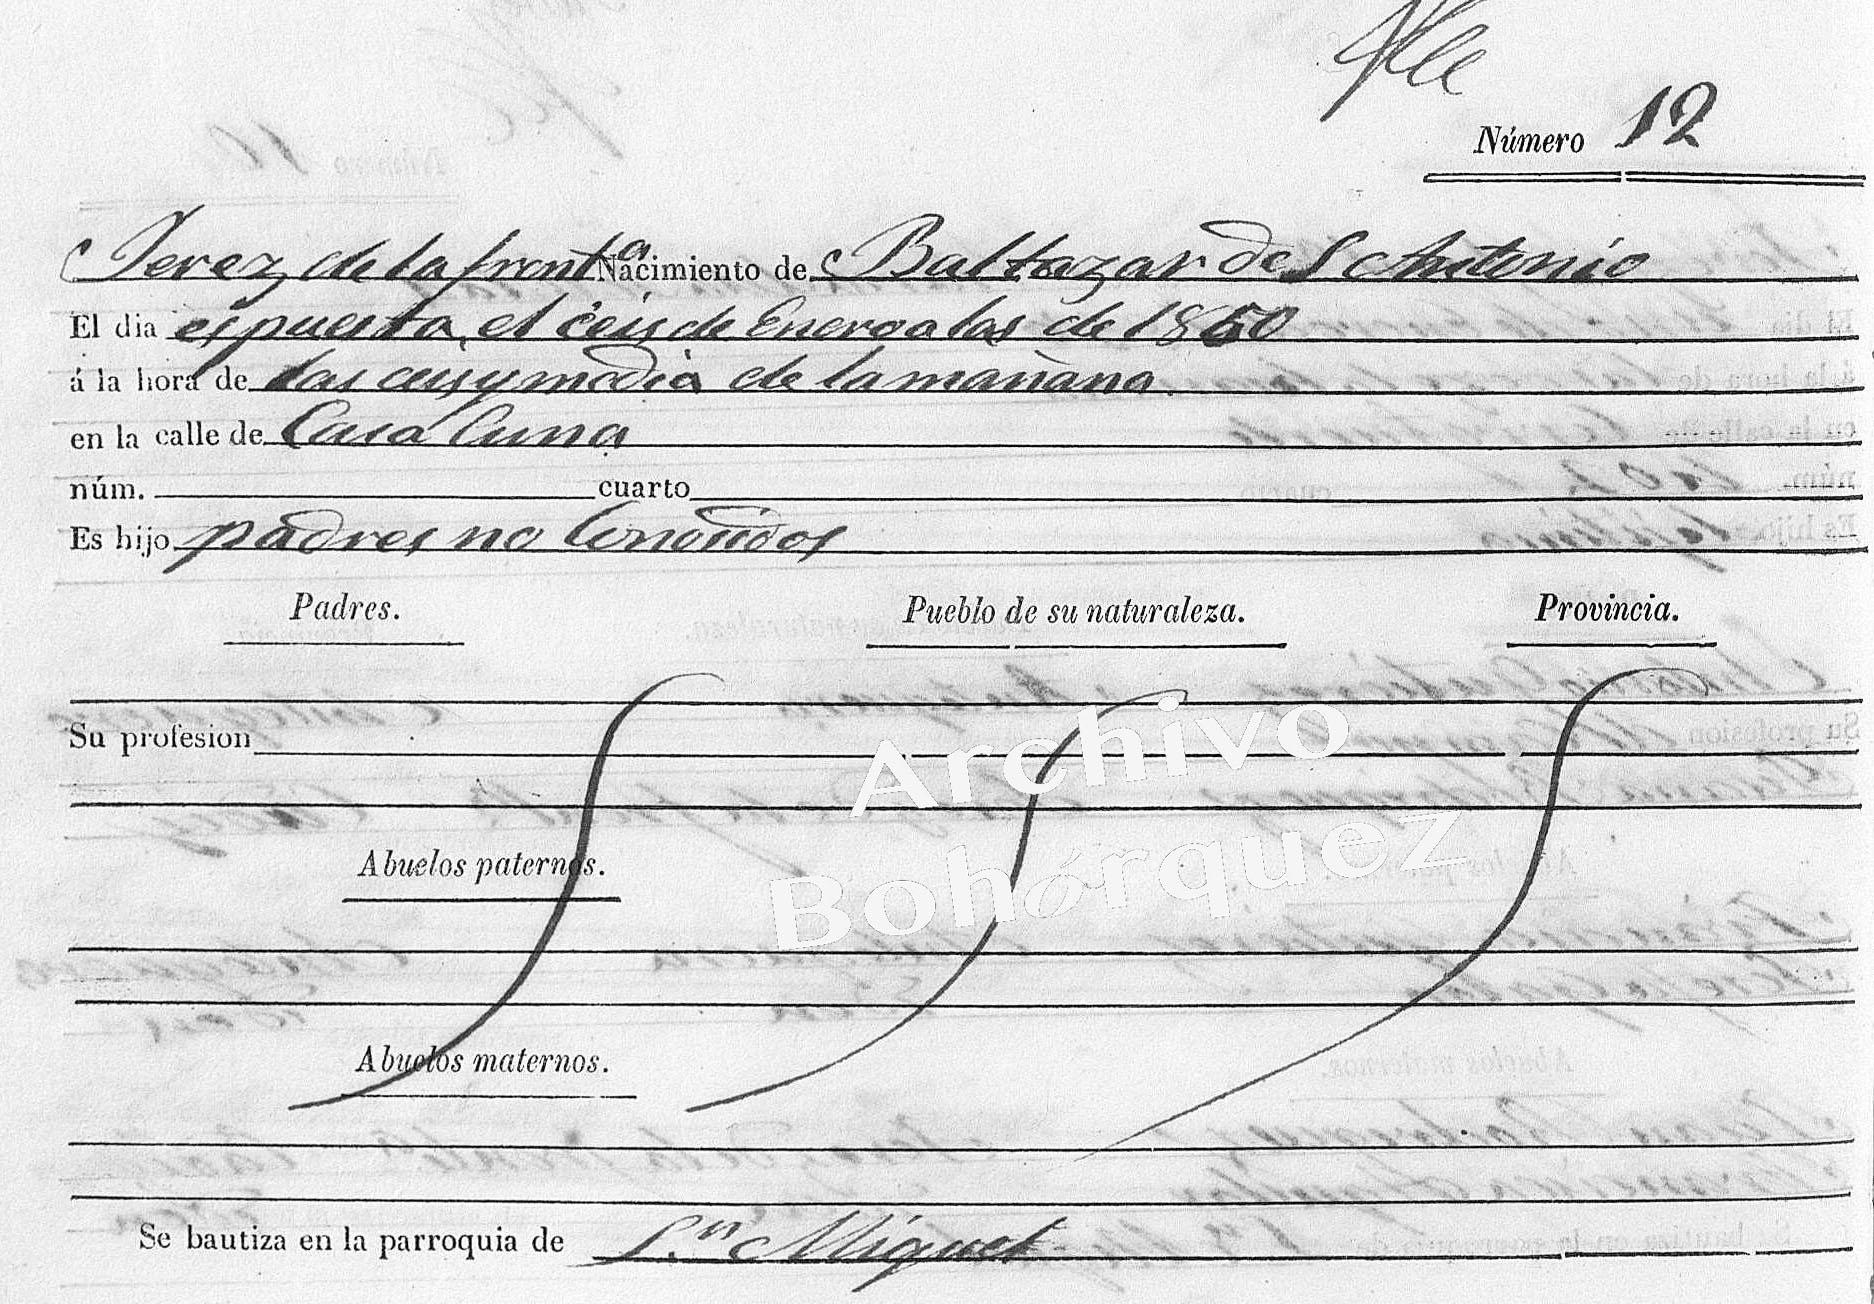 Registro del nacimiento de Antonio Monge, nacido el 6 de enero de 1850 en la Casa Cuna. O entregado por sus verdaderos padres. Archivo Bohorquez.